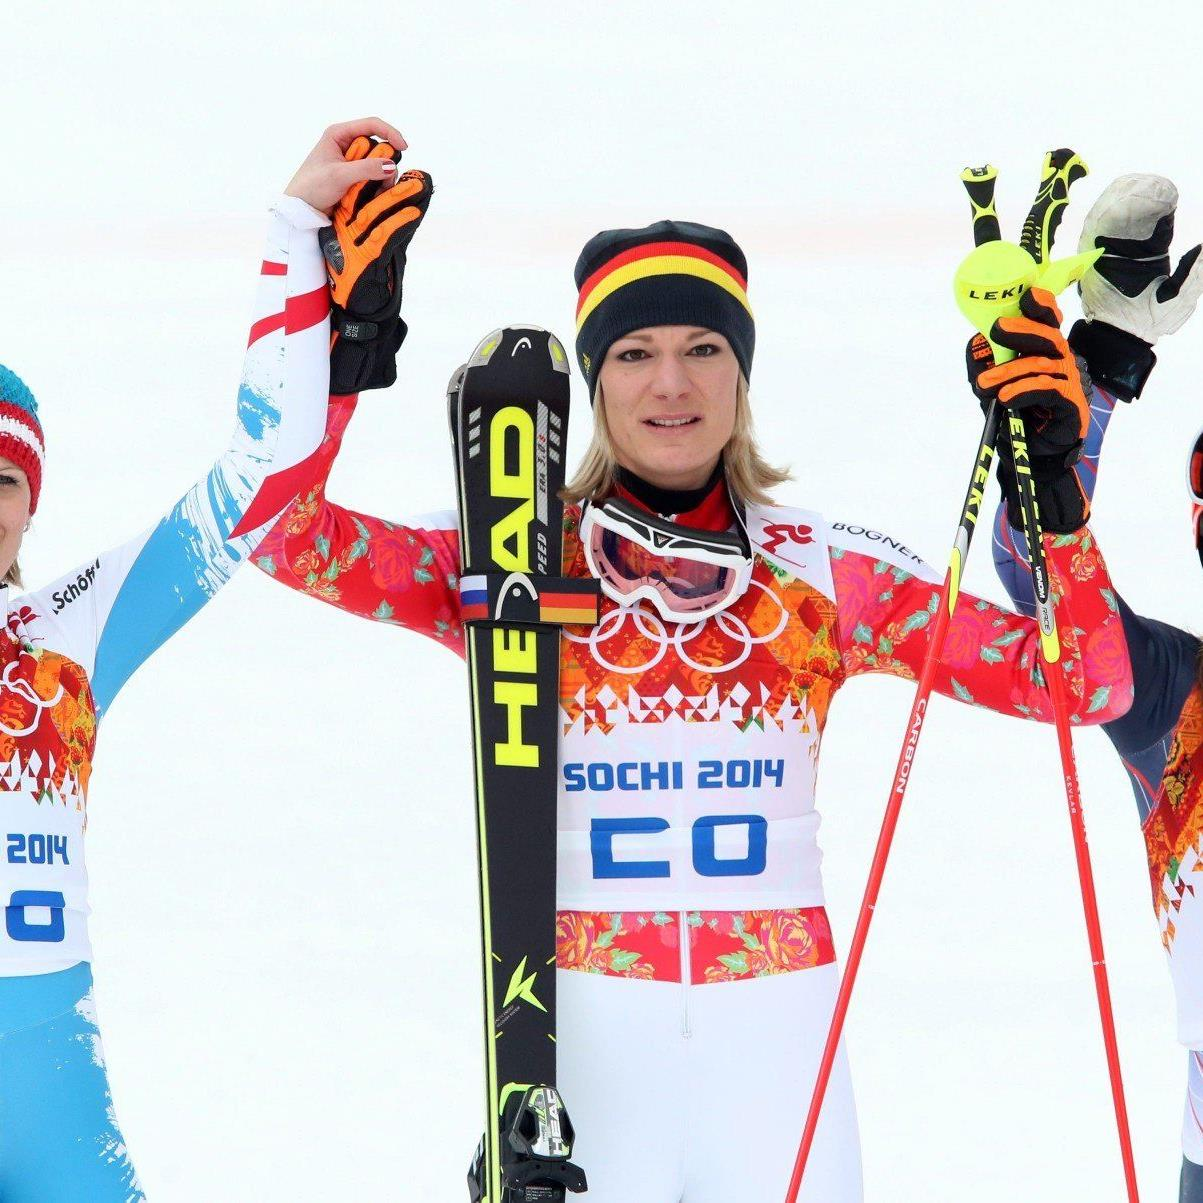 Hinter Titelverteidigerin Höfl-Riesch - Bronze an US-Fahrerin Mancuso.